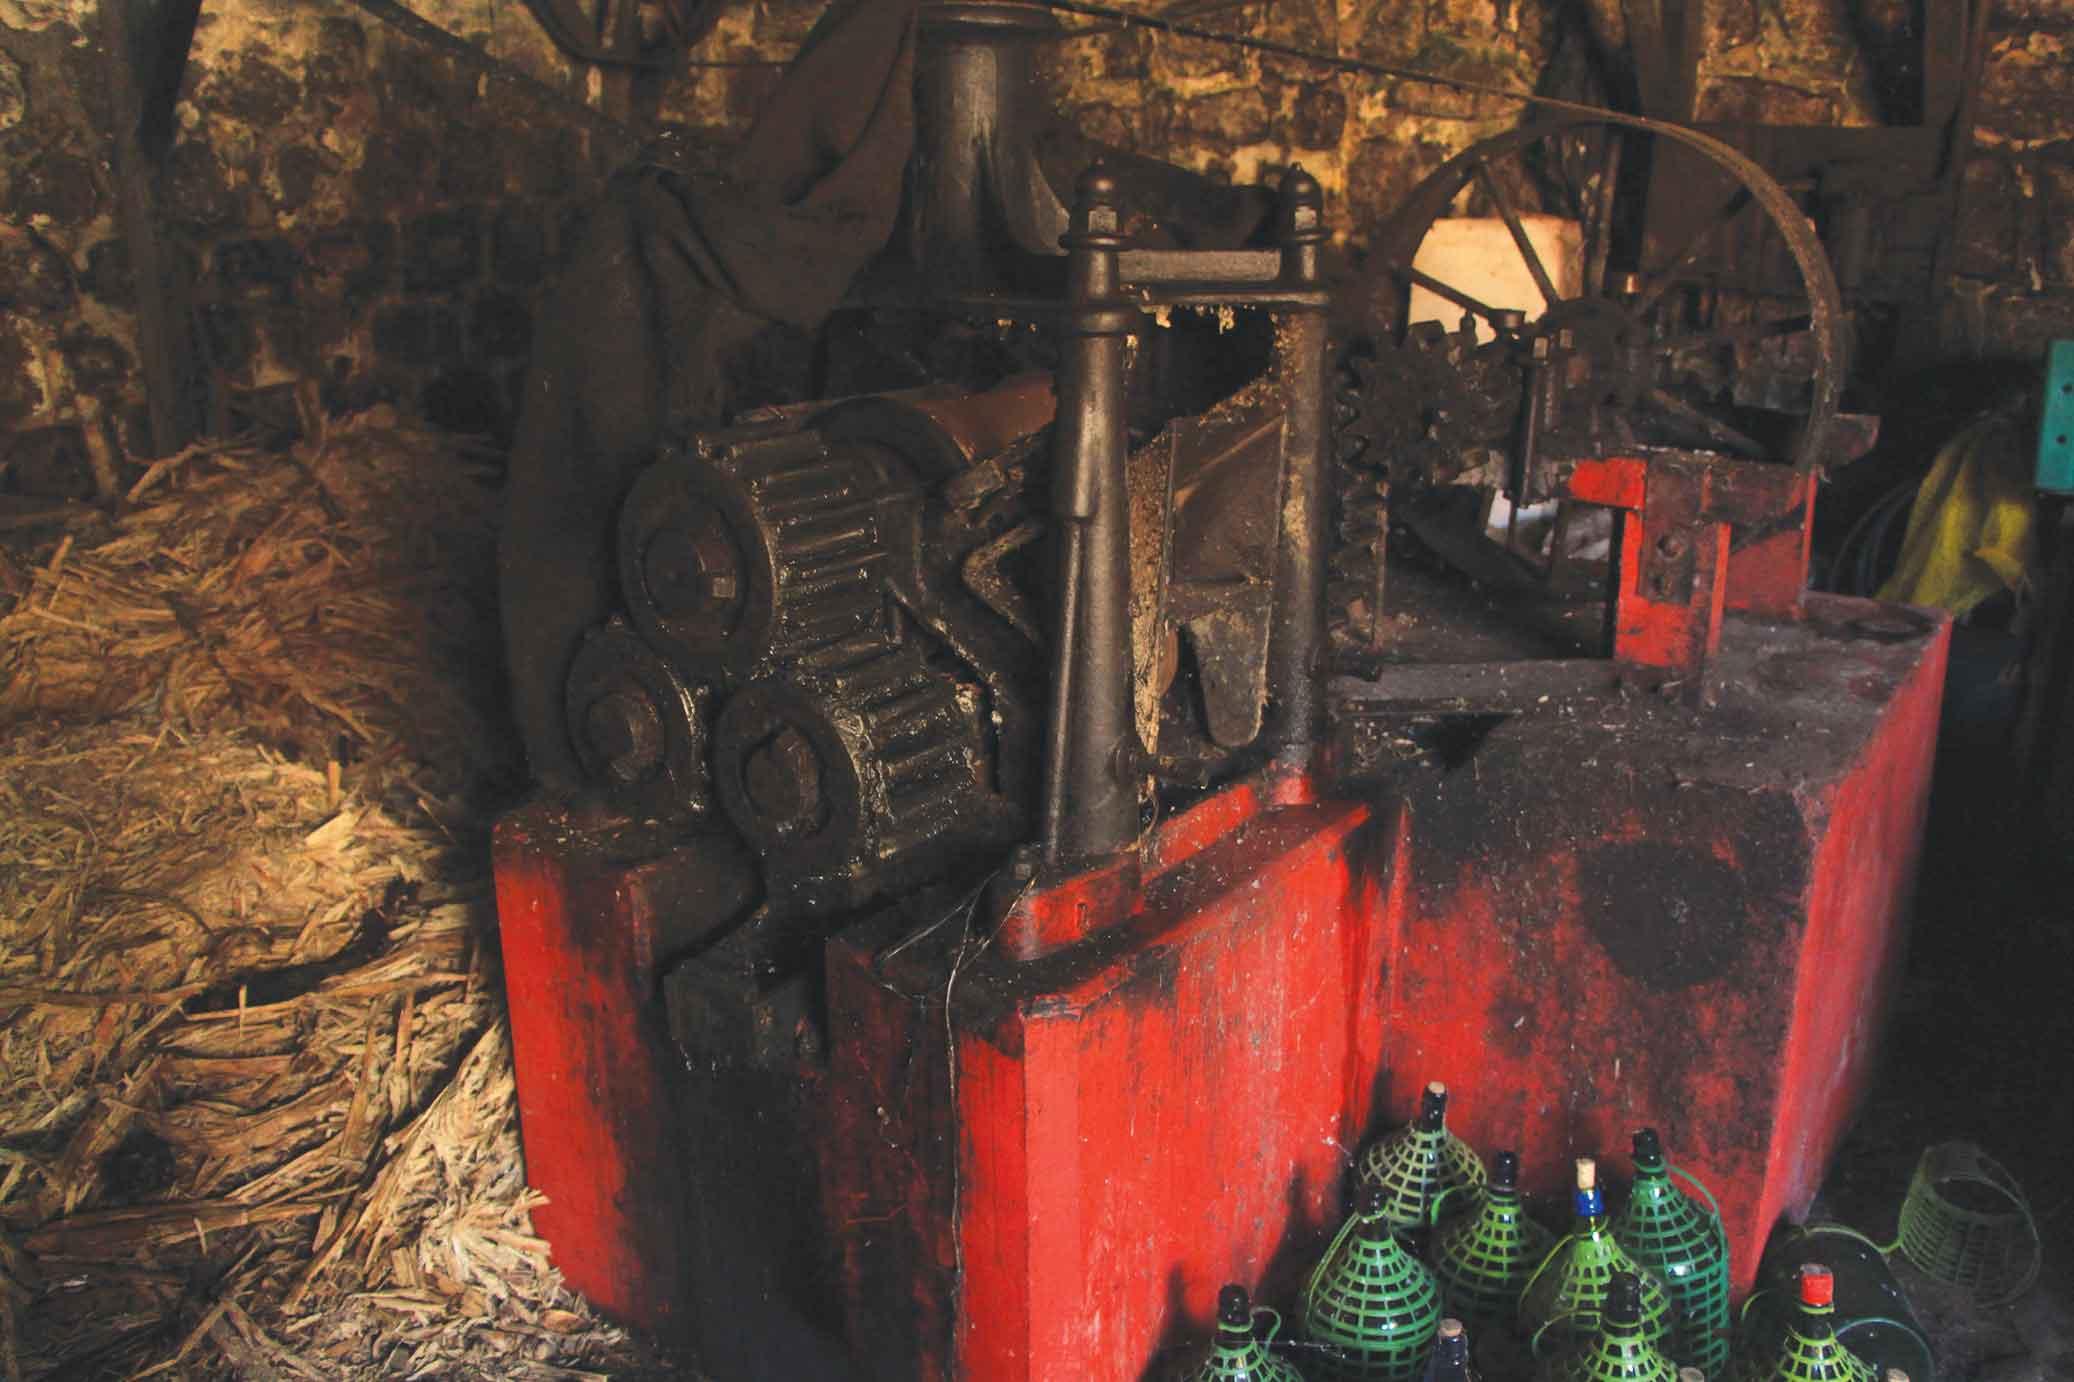 Alambique da Nova Cintra em Santos-santos-alambique-da-nova-cintra-moenda-cana-1951-bx